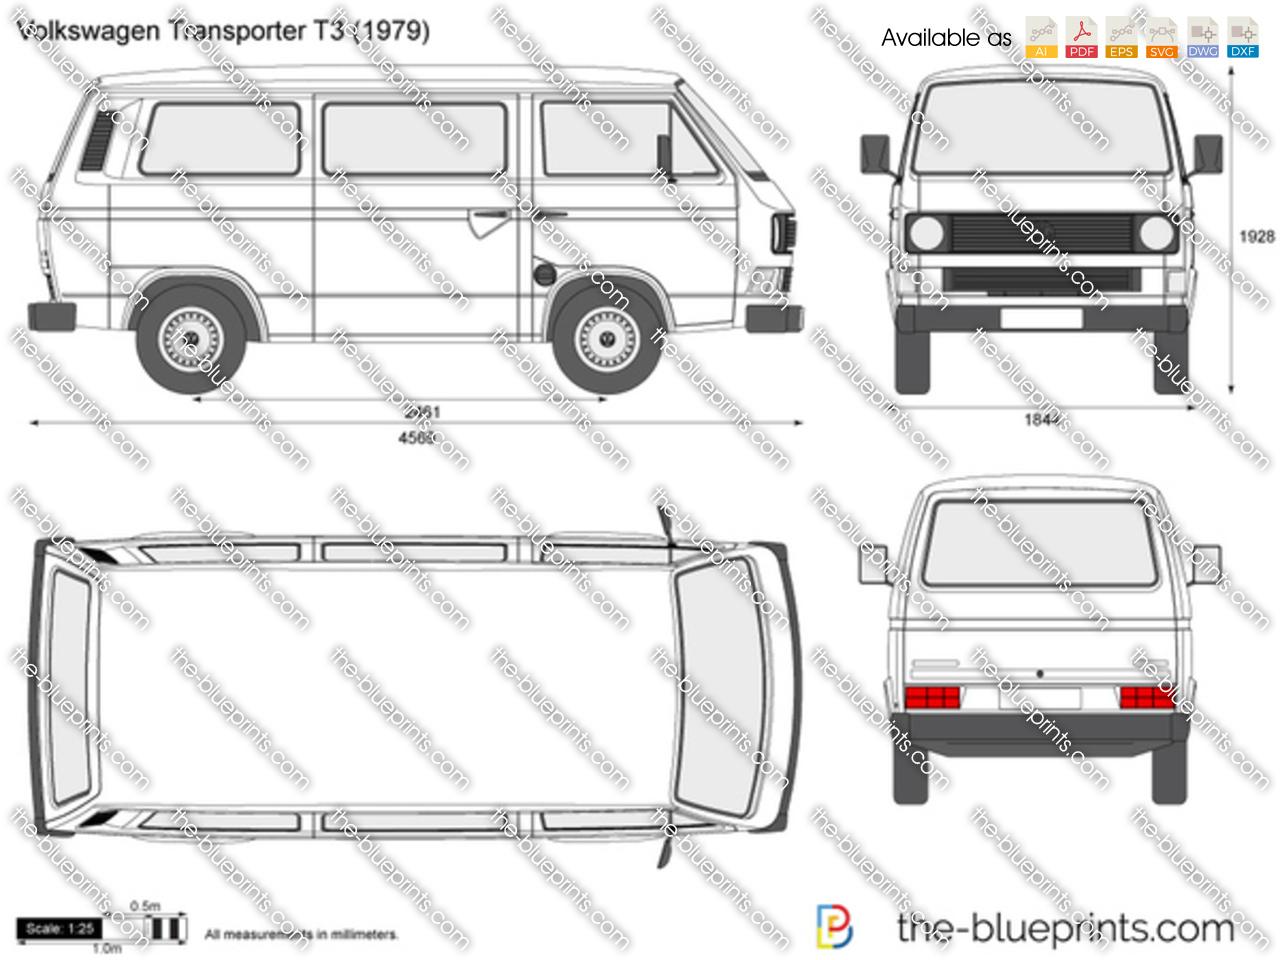 Volkswagen Transporter T3 Vector Drawing